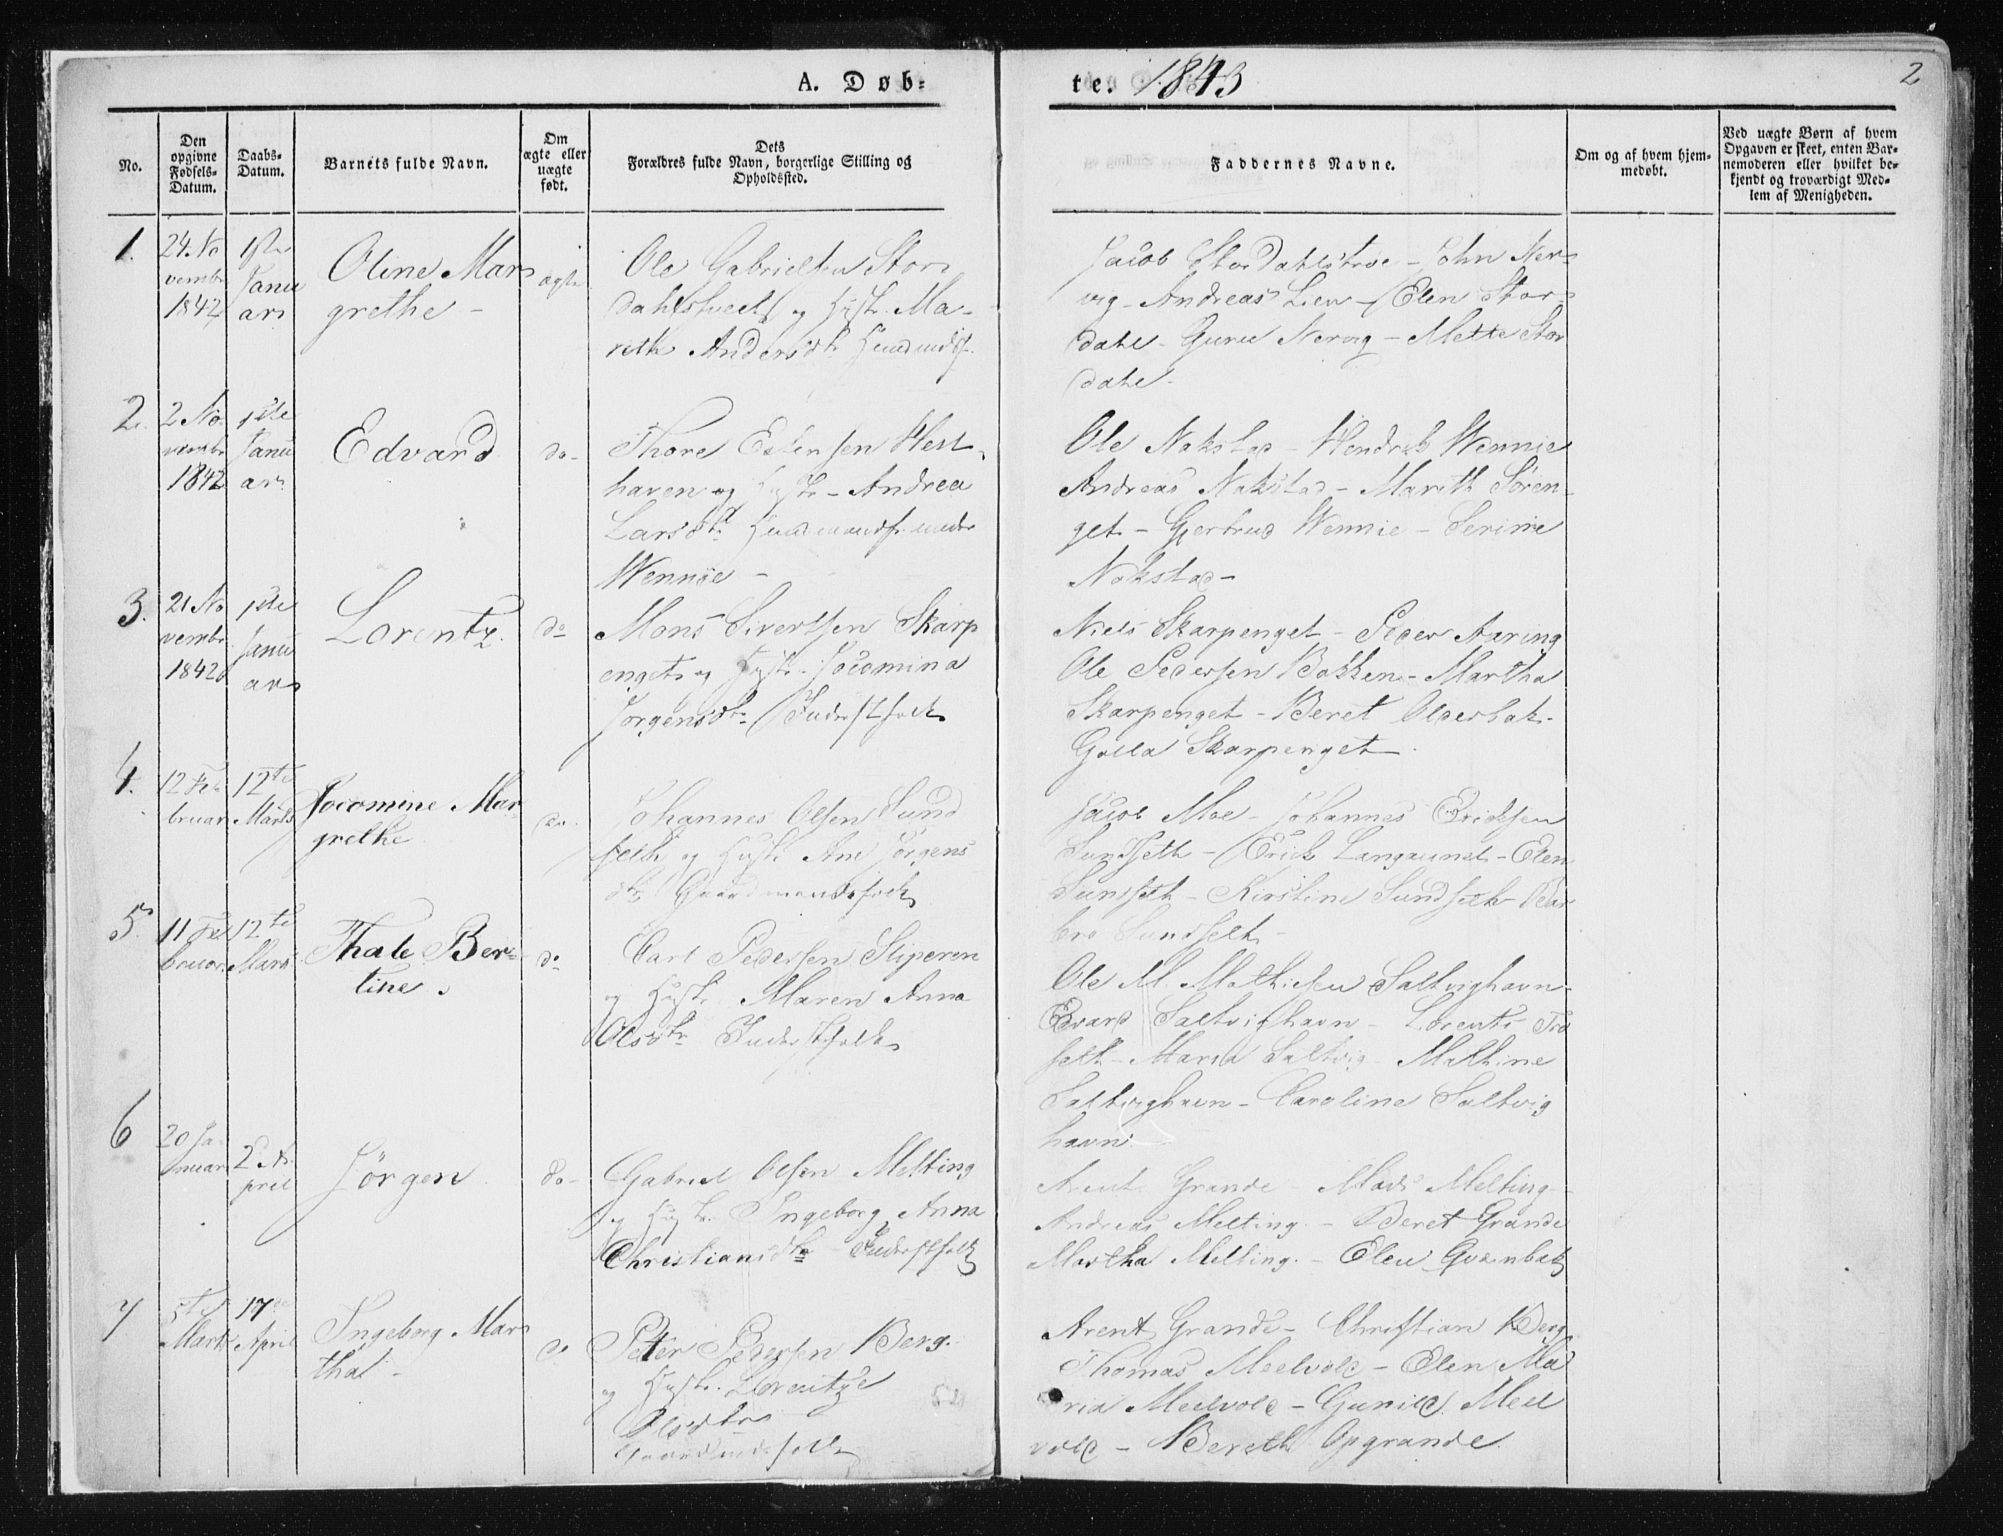 SAT, Ministerialprotokoller, klokkerbøker og fødselsregistre - Nord-Trøndelag, 733/L0323: Parish register (official) no. 733A02, 1843-1870, p. 2